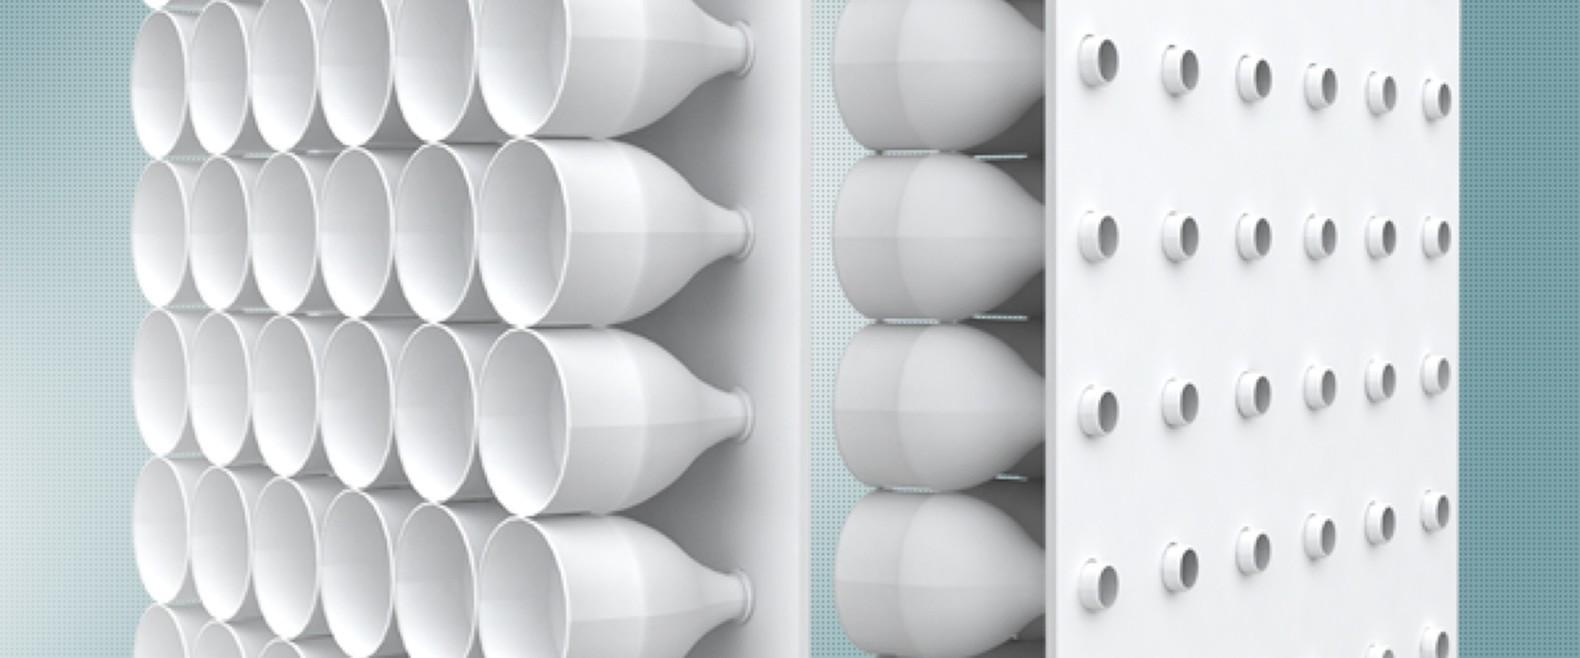 Rinfrescare Casa Fai Da Te aria condizionata gratis? o la solita montatura